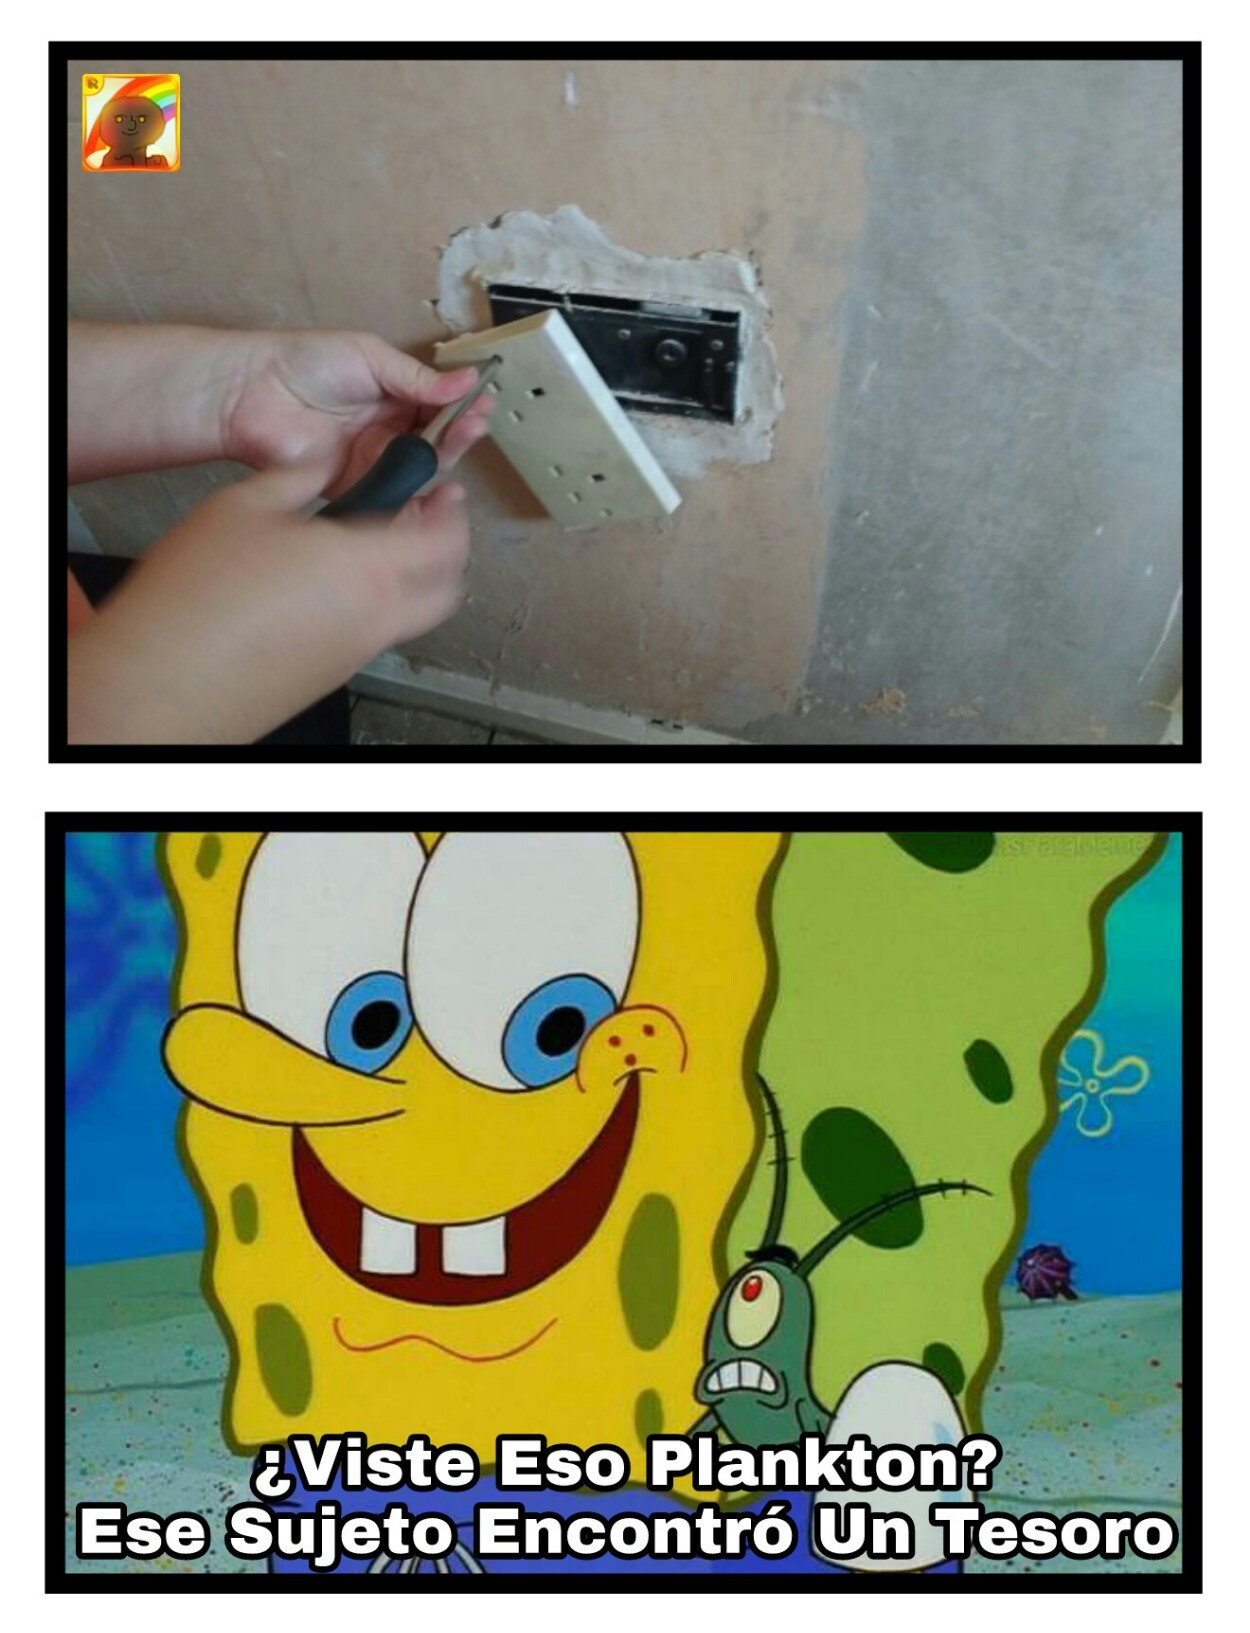 Caja Fuerte - meme